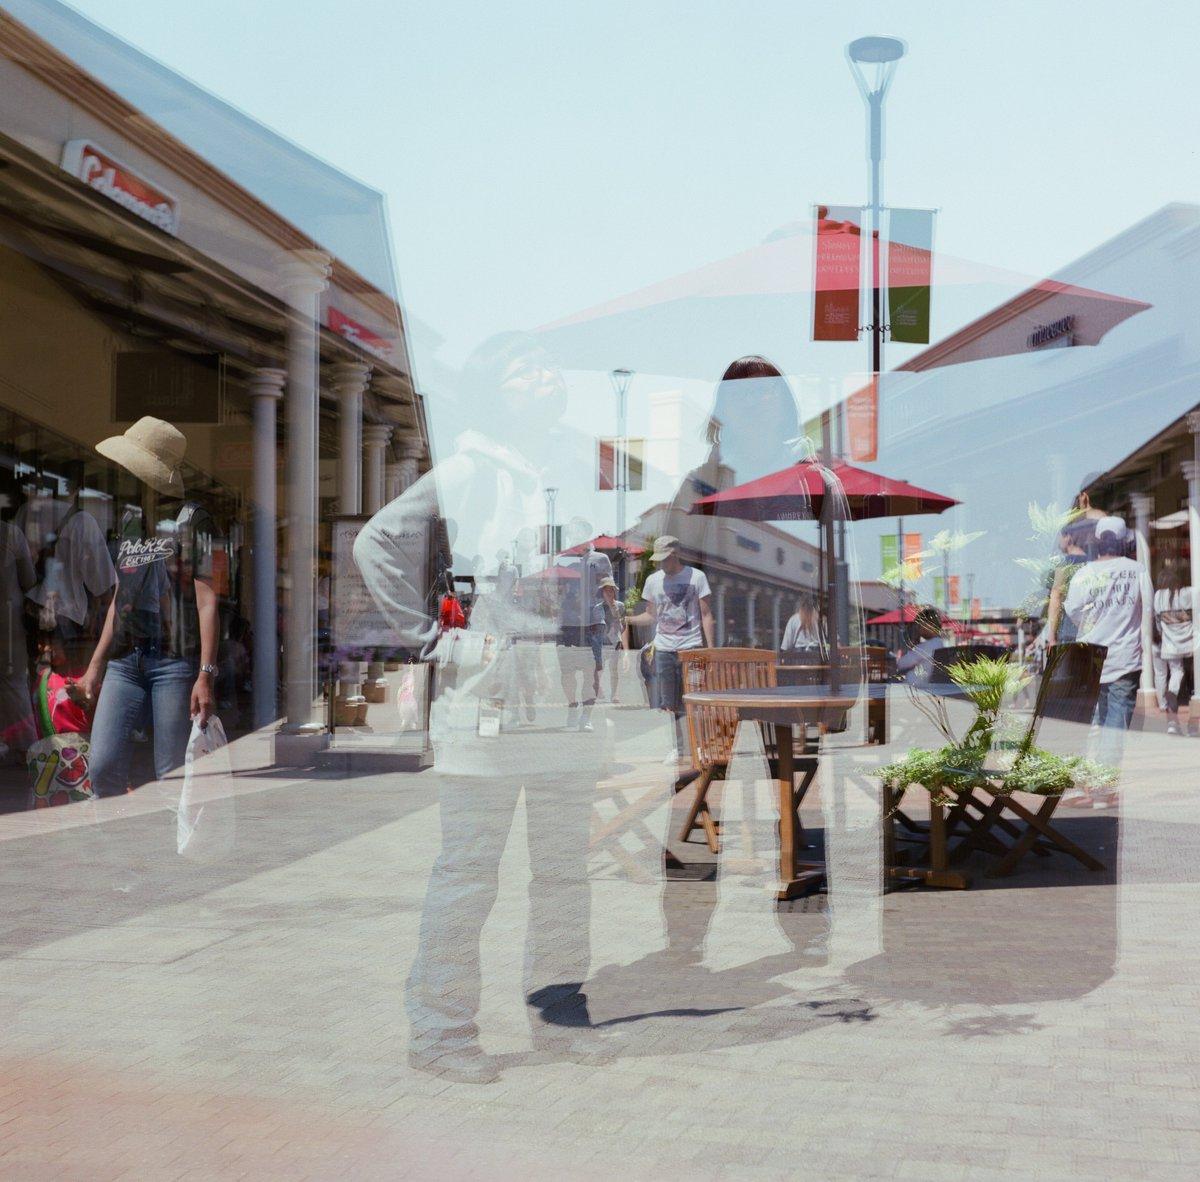 #6x7の日 ですが、そんなフォーマットのカメラは持っていませんので、6×6の写真あげておきます。 巻き上げ忘れて多重露光になった失敗写真。 Rolleicordのフィルム入れて最初の1枚目はいつもコレ。。  #Rolleicord  #PRO400H  #多重露光  #巻き上げ忘れて多重露光  #失敗写真  #filmphotography